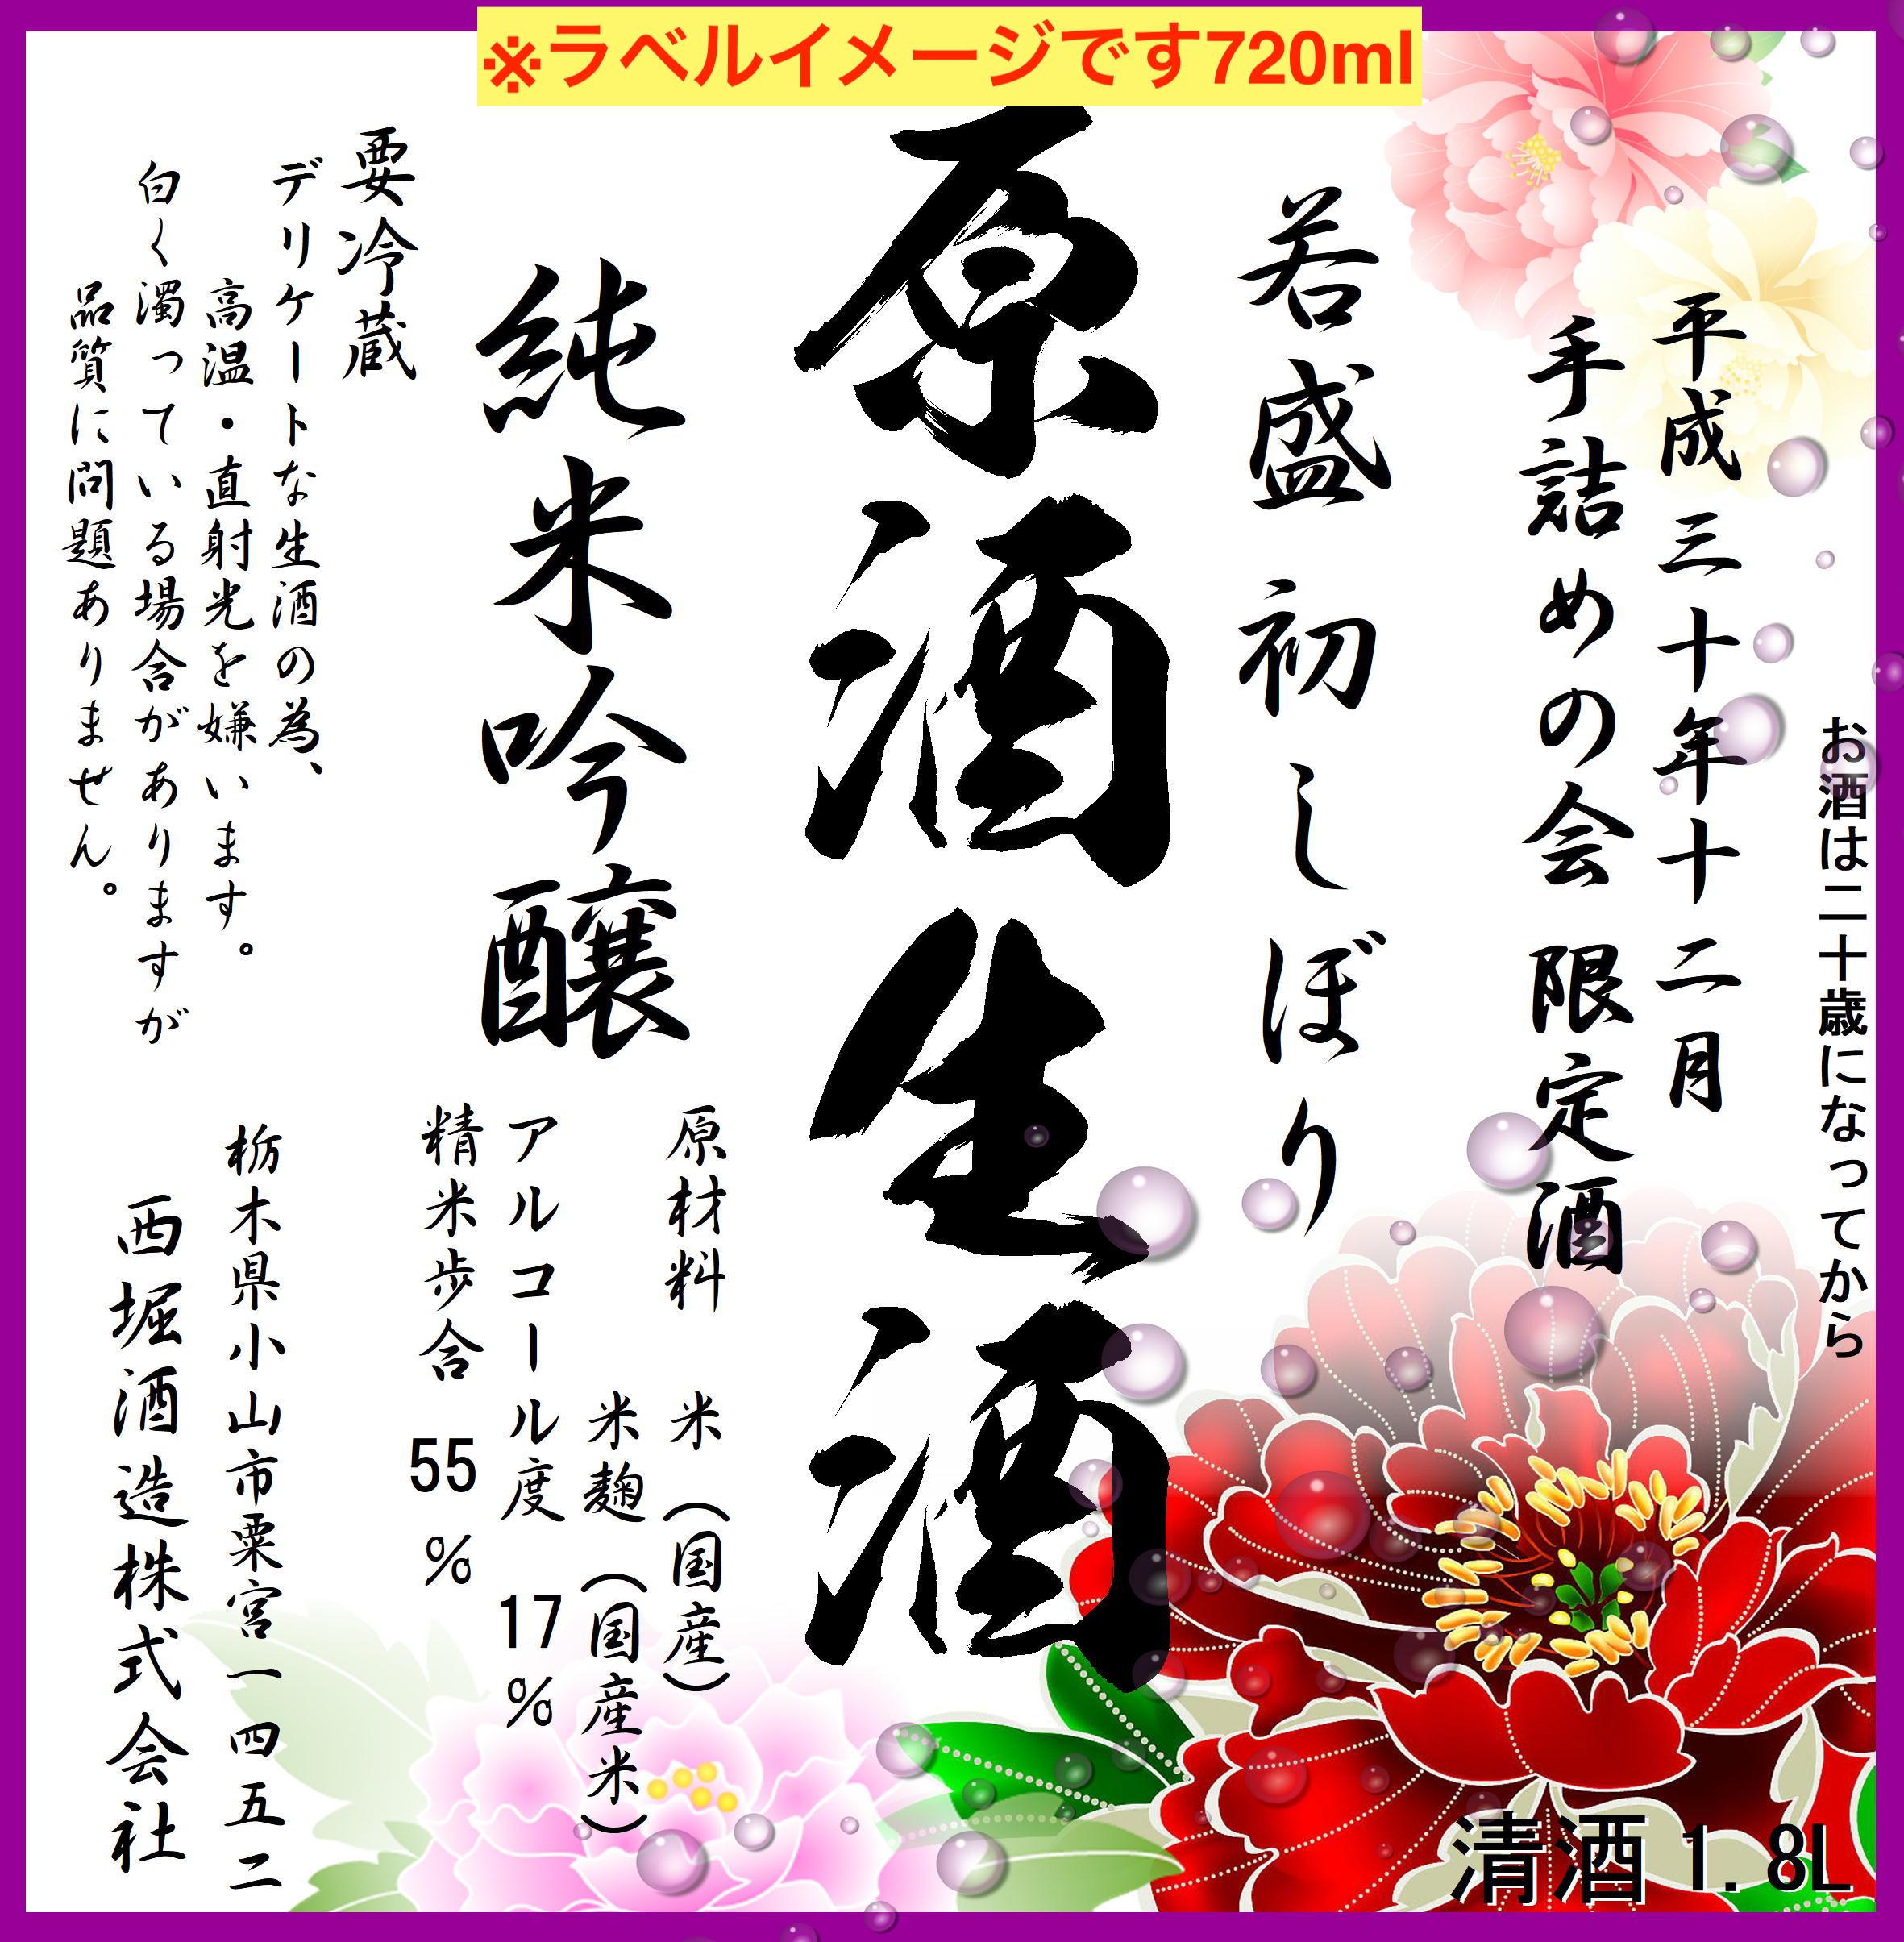 hatsushibori-20191130-720